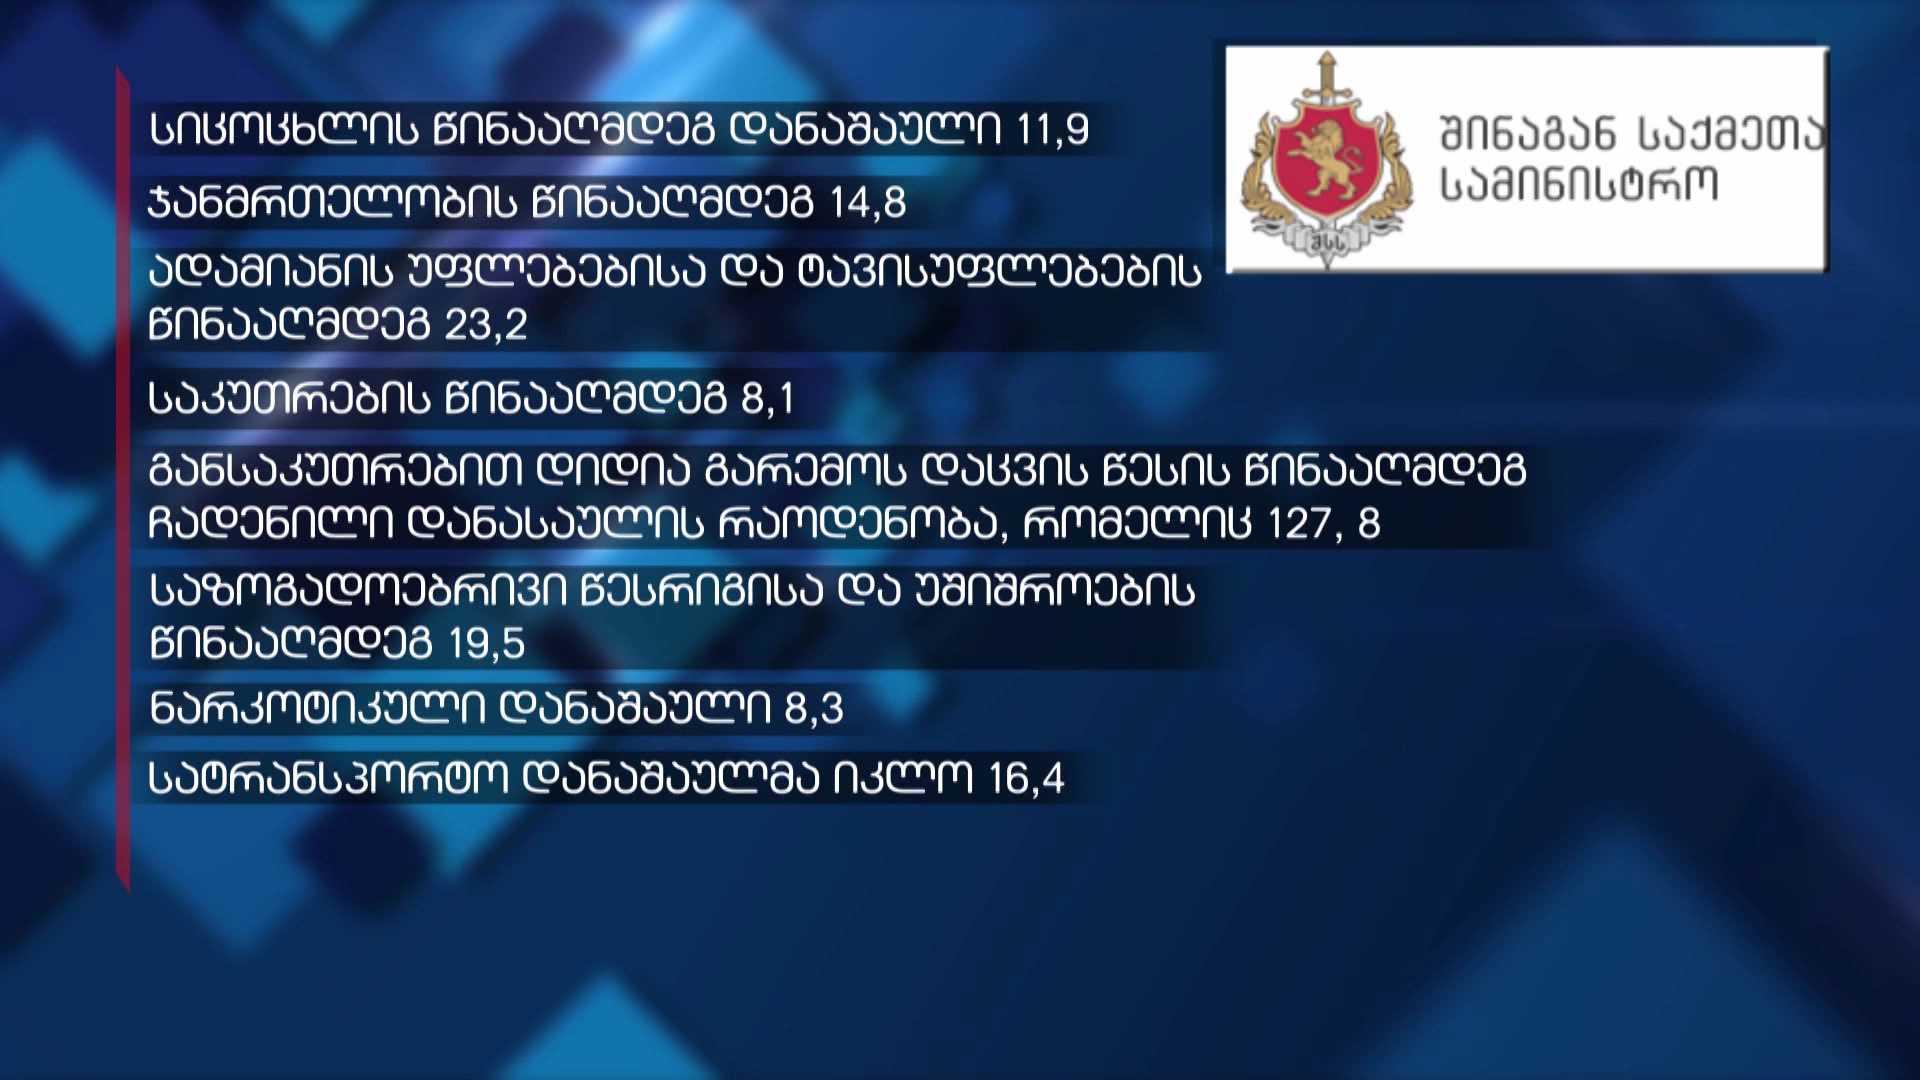 დანაშაულის სტატისტიკა